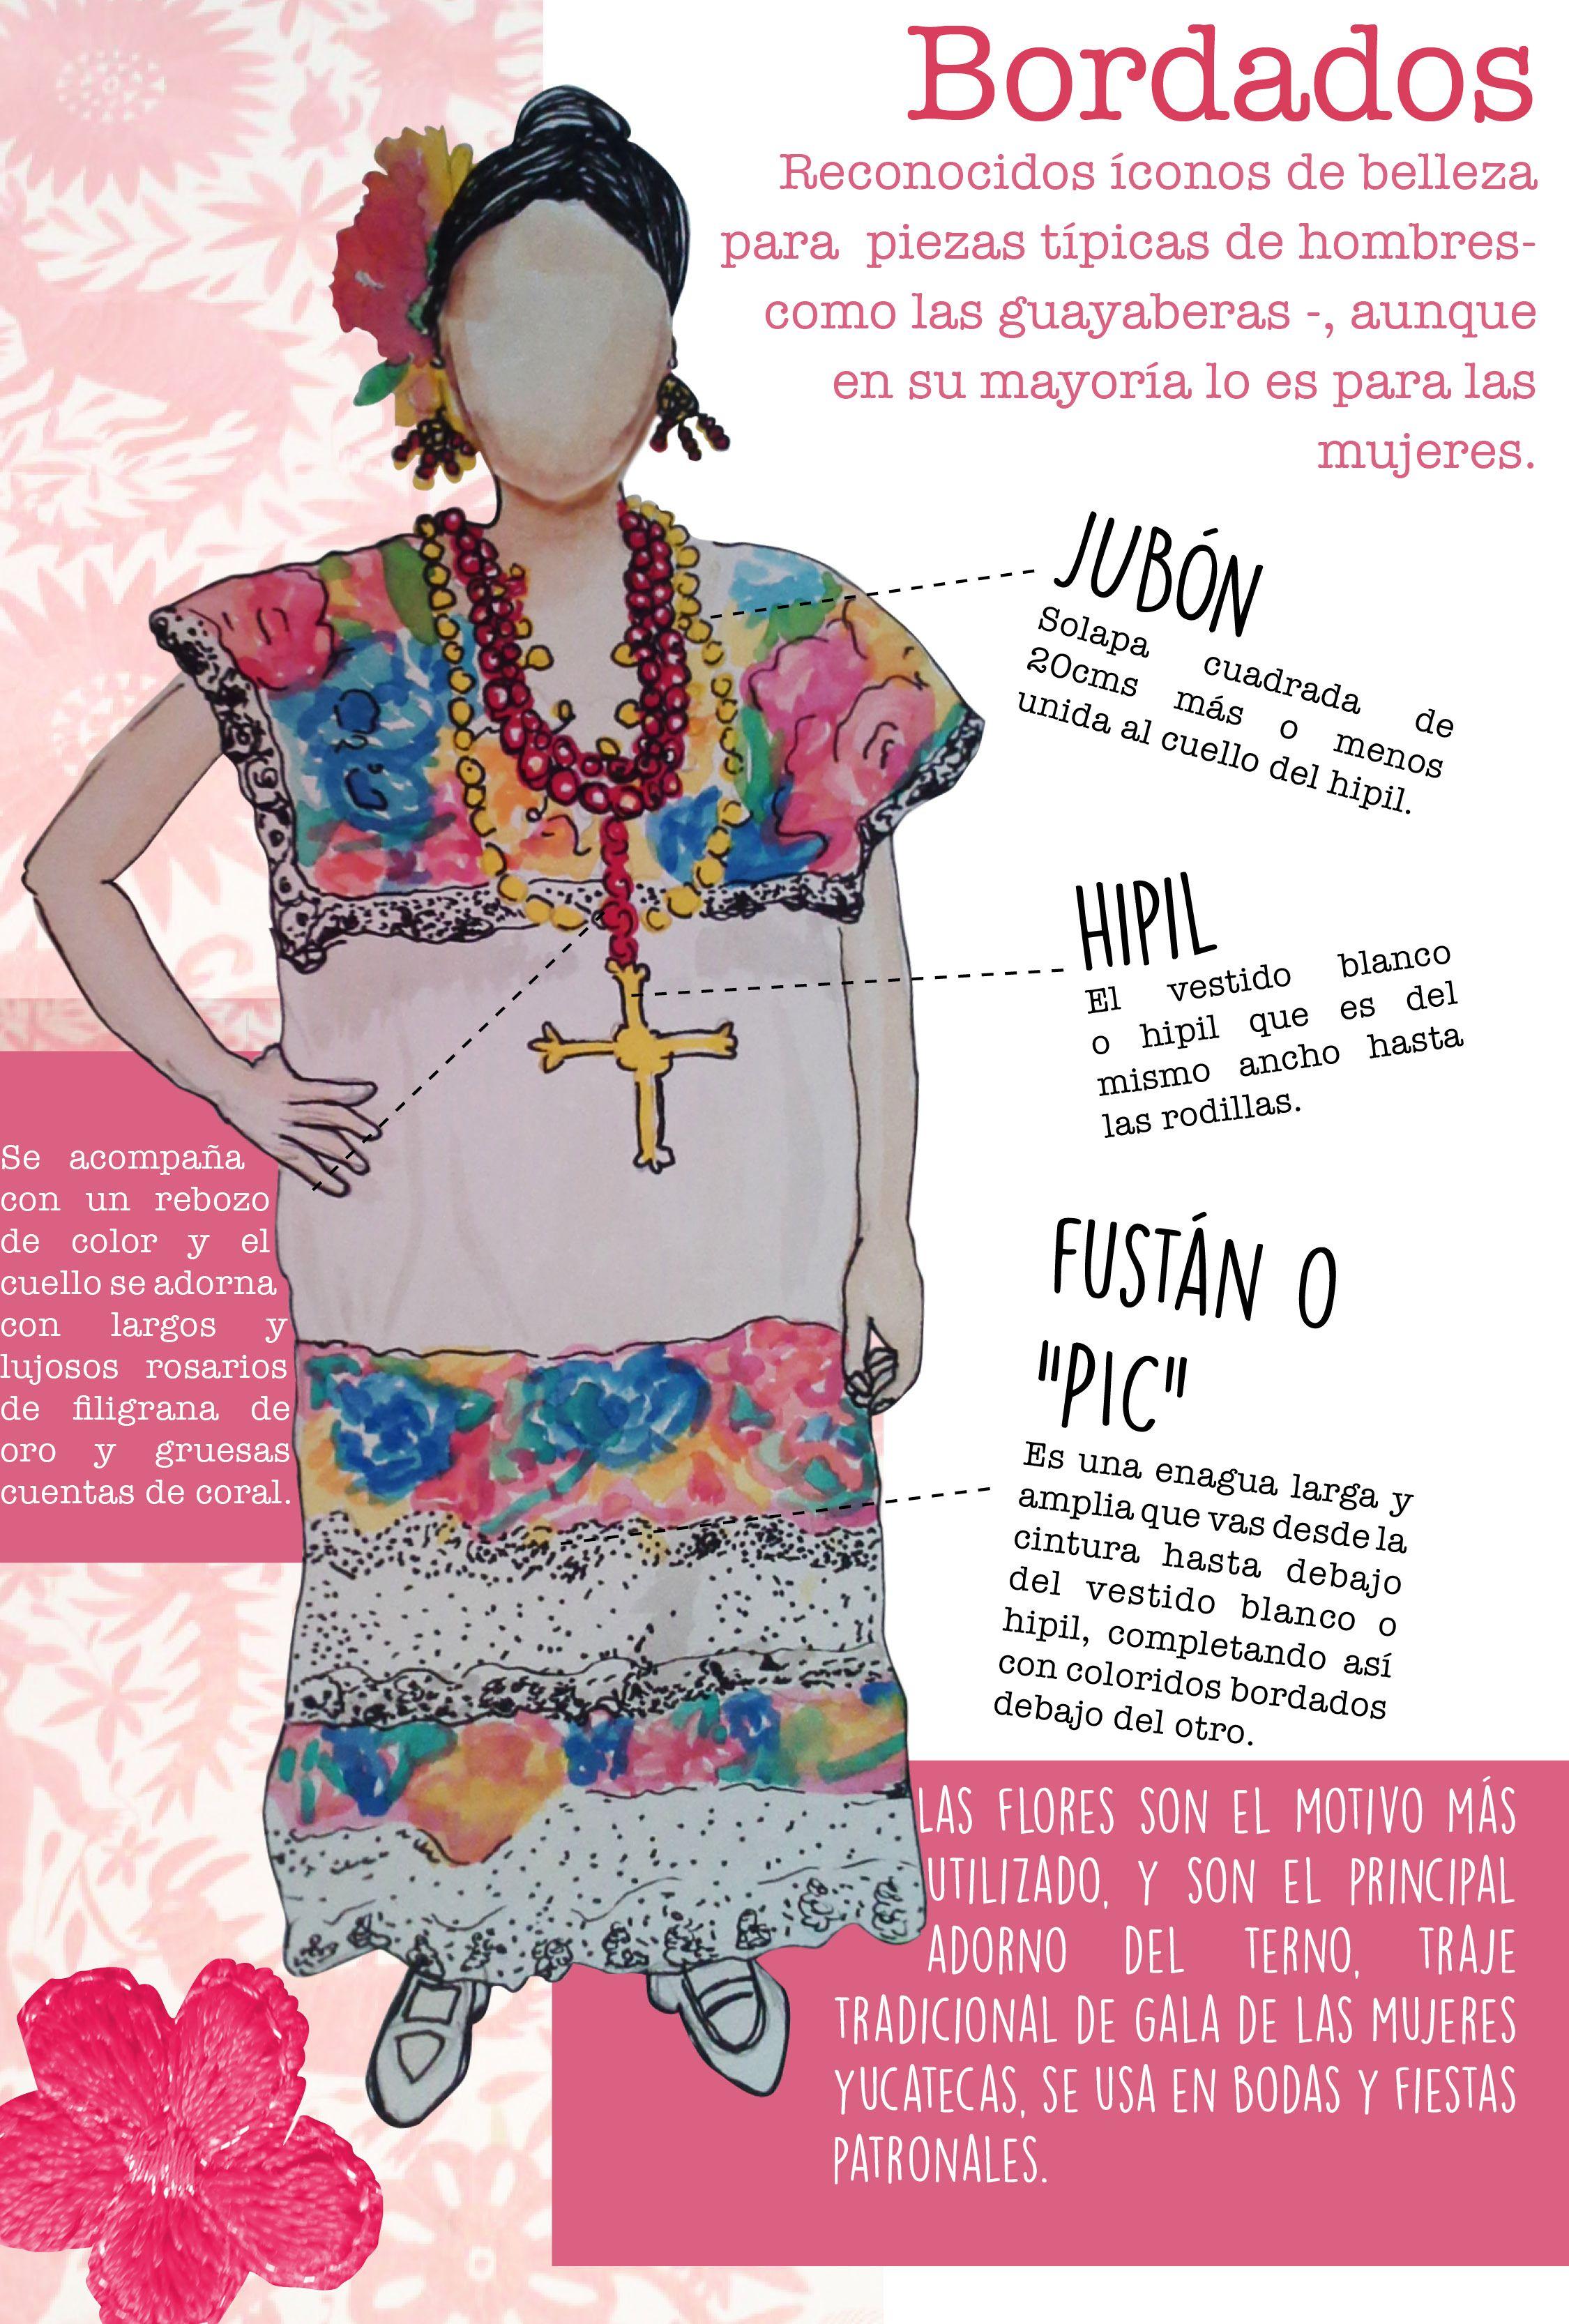 Bordados Artesanales De Colores En El Vestir En Yucatán En